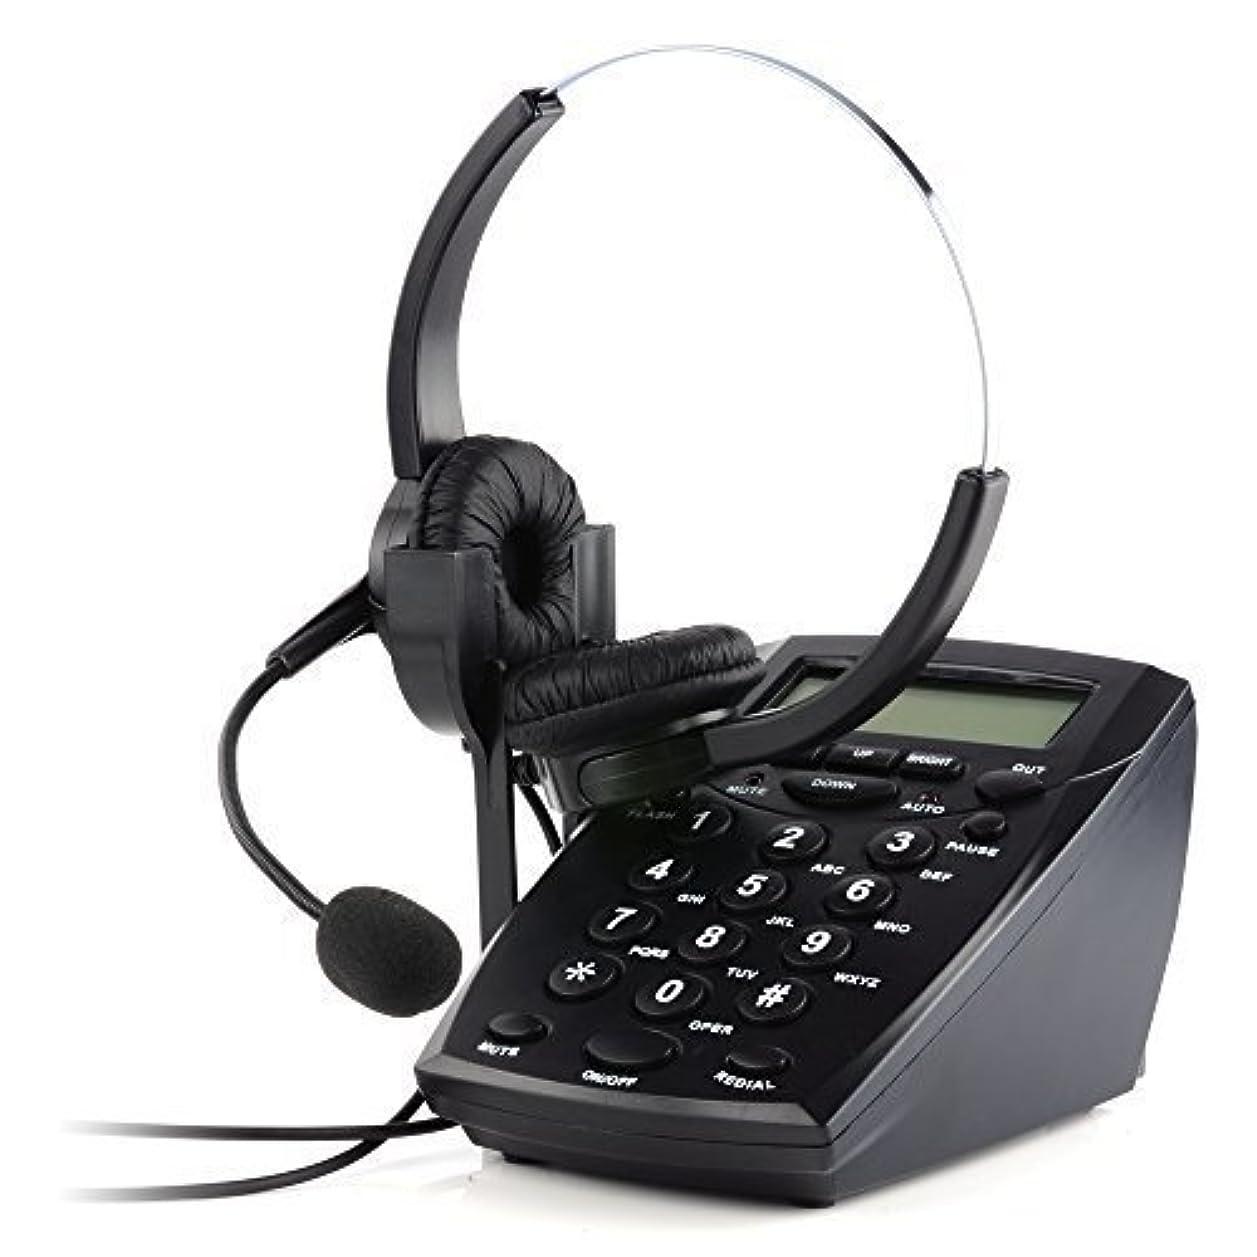 首謀者釈義しつけコールセンター用電話機 PChero FSK/DTMFバックライトダイヤルパッドを搭載され 電話用両耳ヘッドセット付き リダイヤルと呼び出しID表示でき電話機 ビジネス 販売 保険 病院 通信事業者 ヘッドフォン